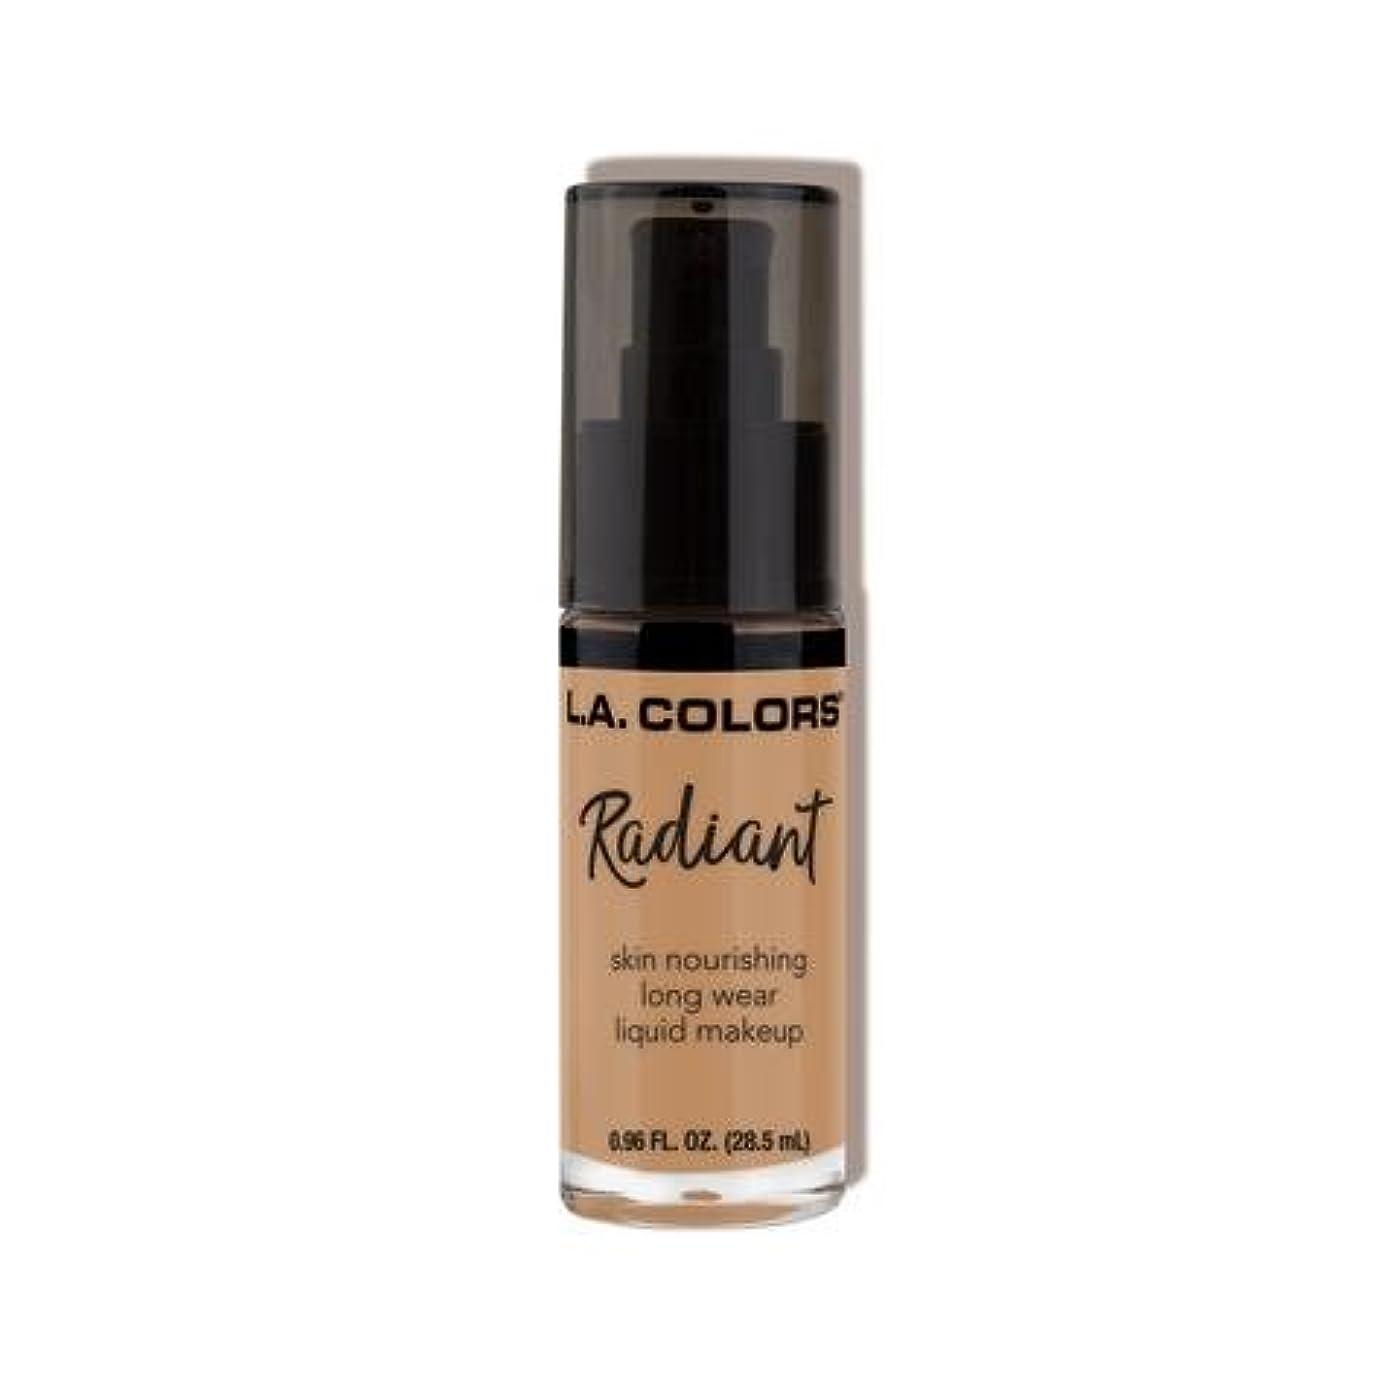 水っぽいアイザックピンポイント(3 Pack) L.A. COLORS Radiant Liquid Makeup - Light Toffee (並行輸入品)